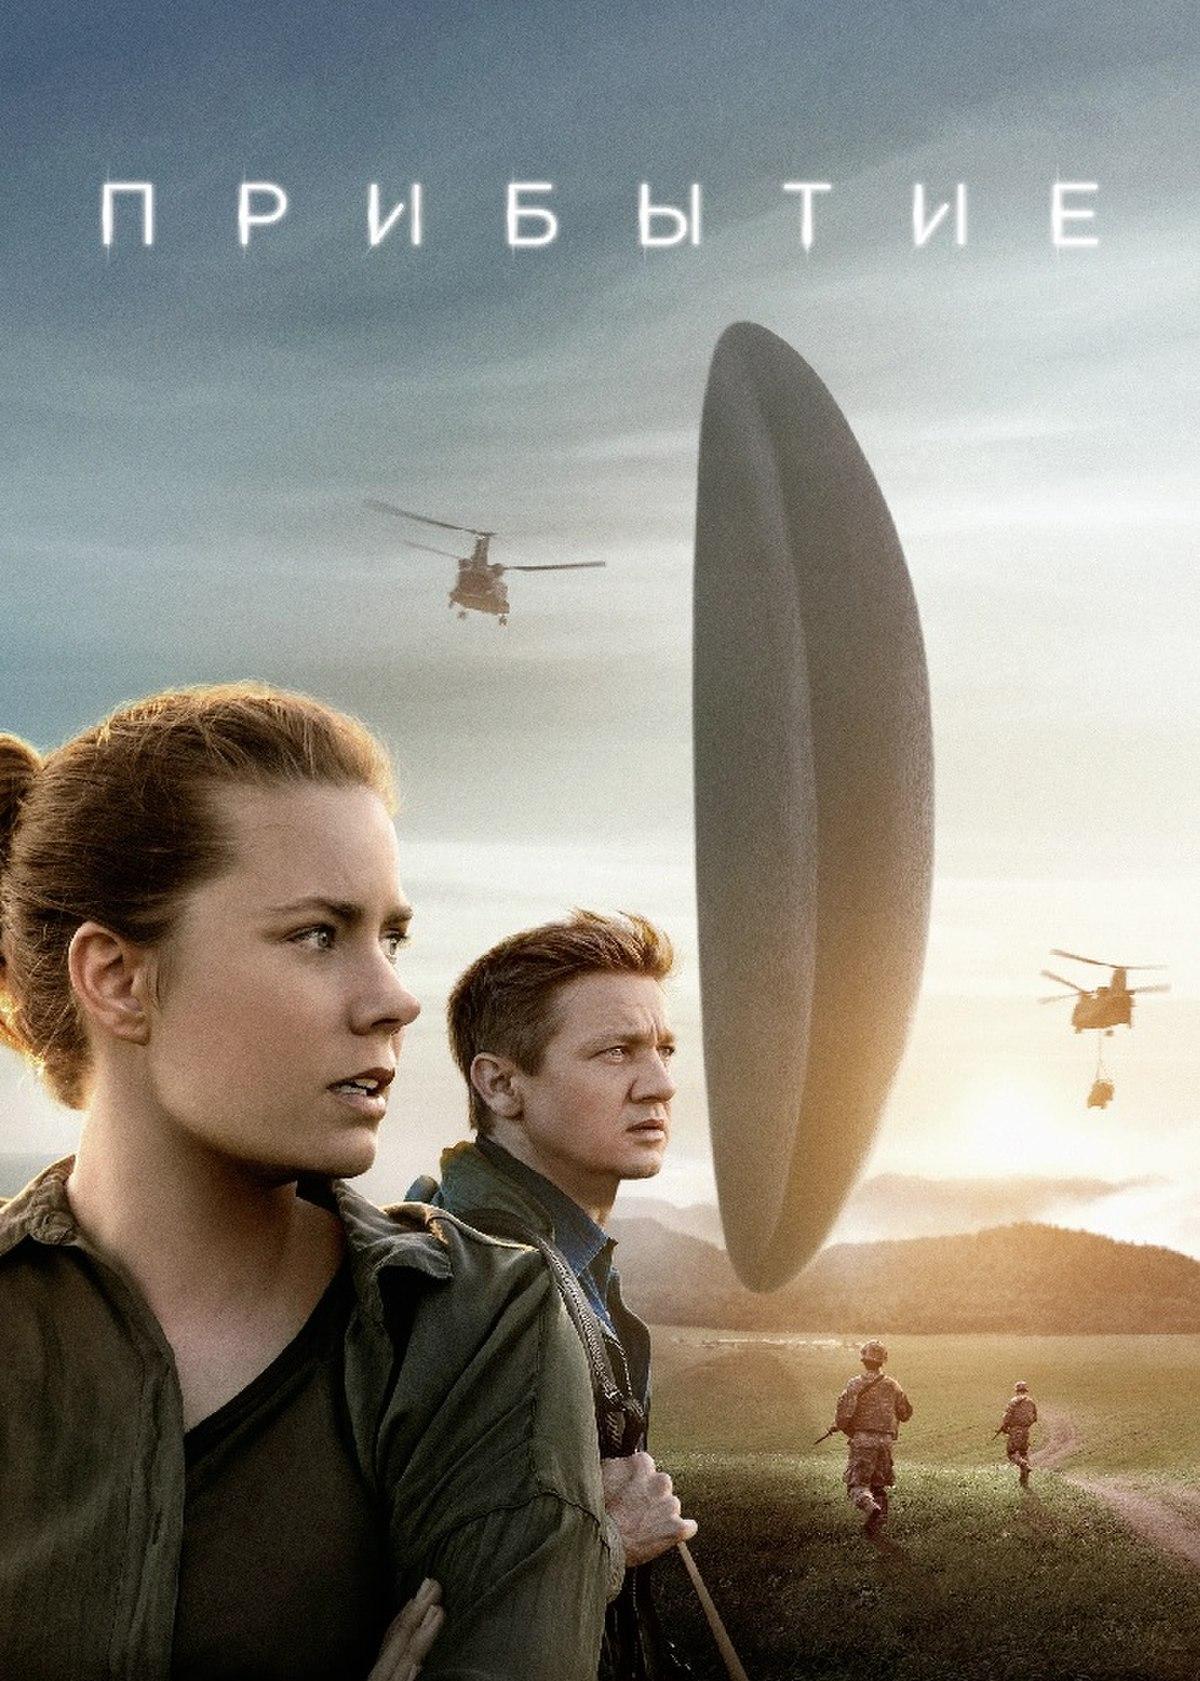 Прибытие (фильм, 2016)